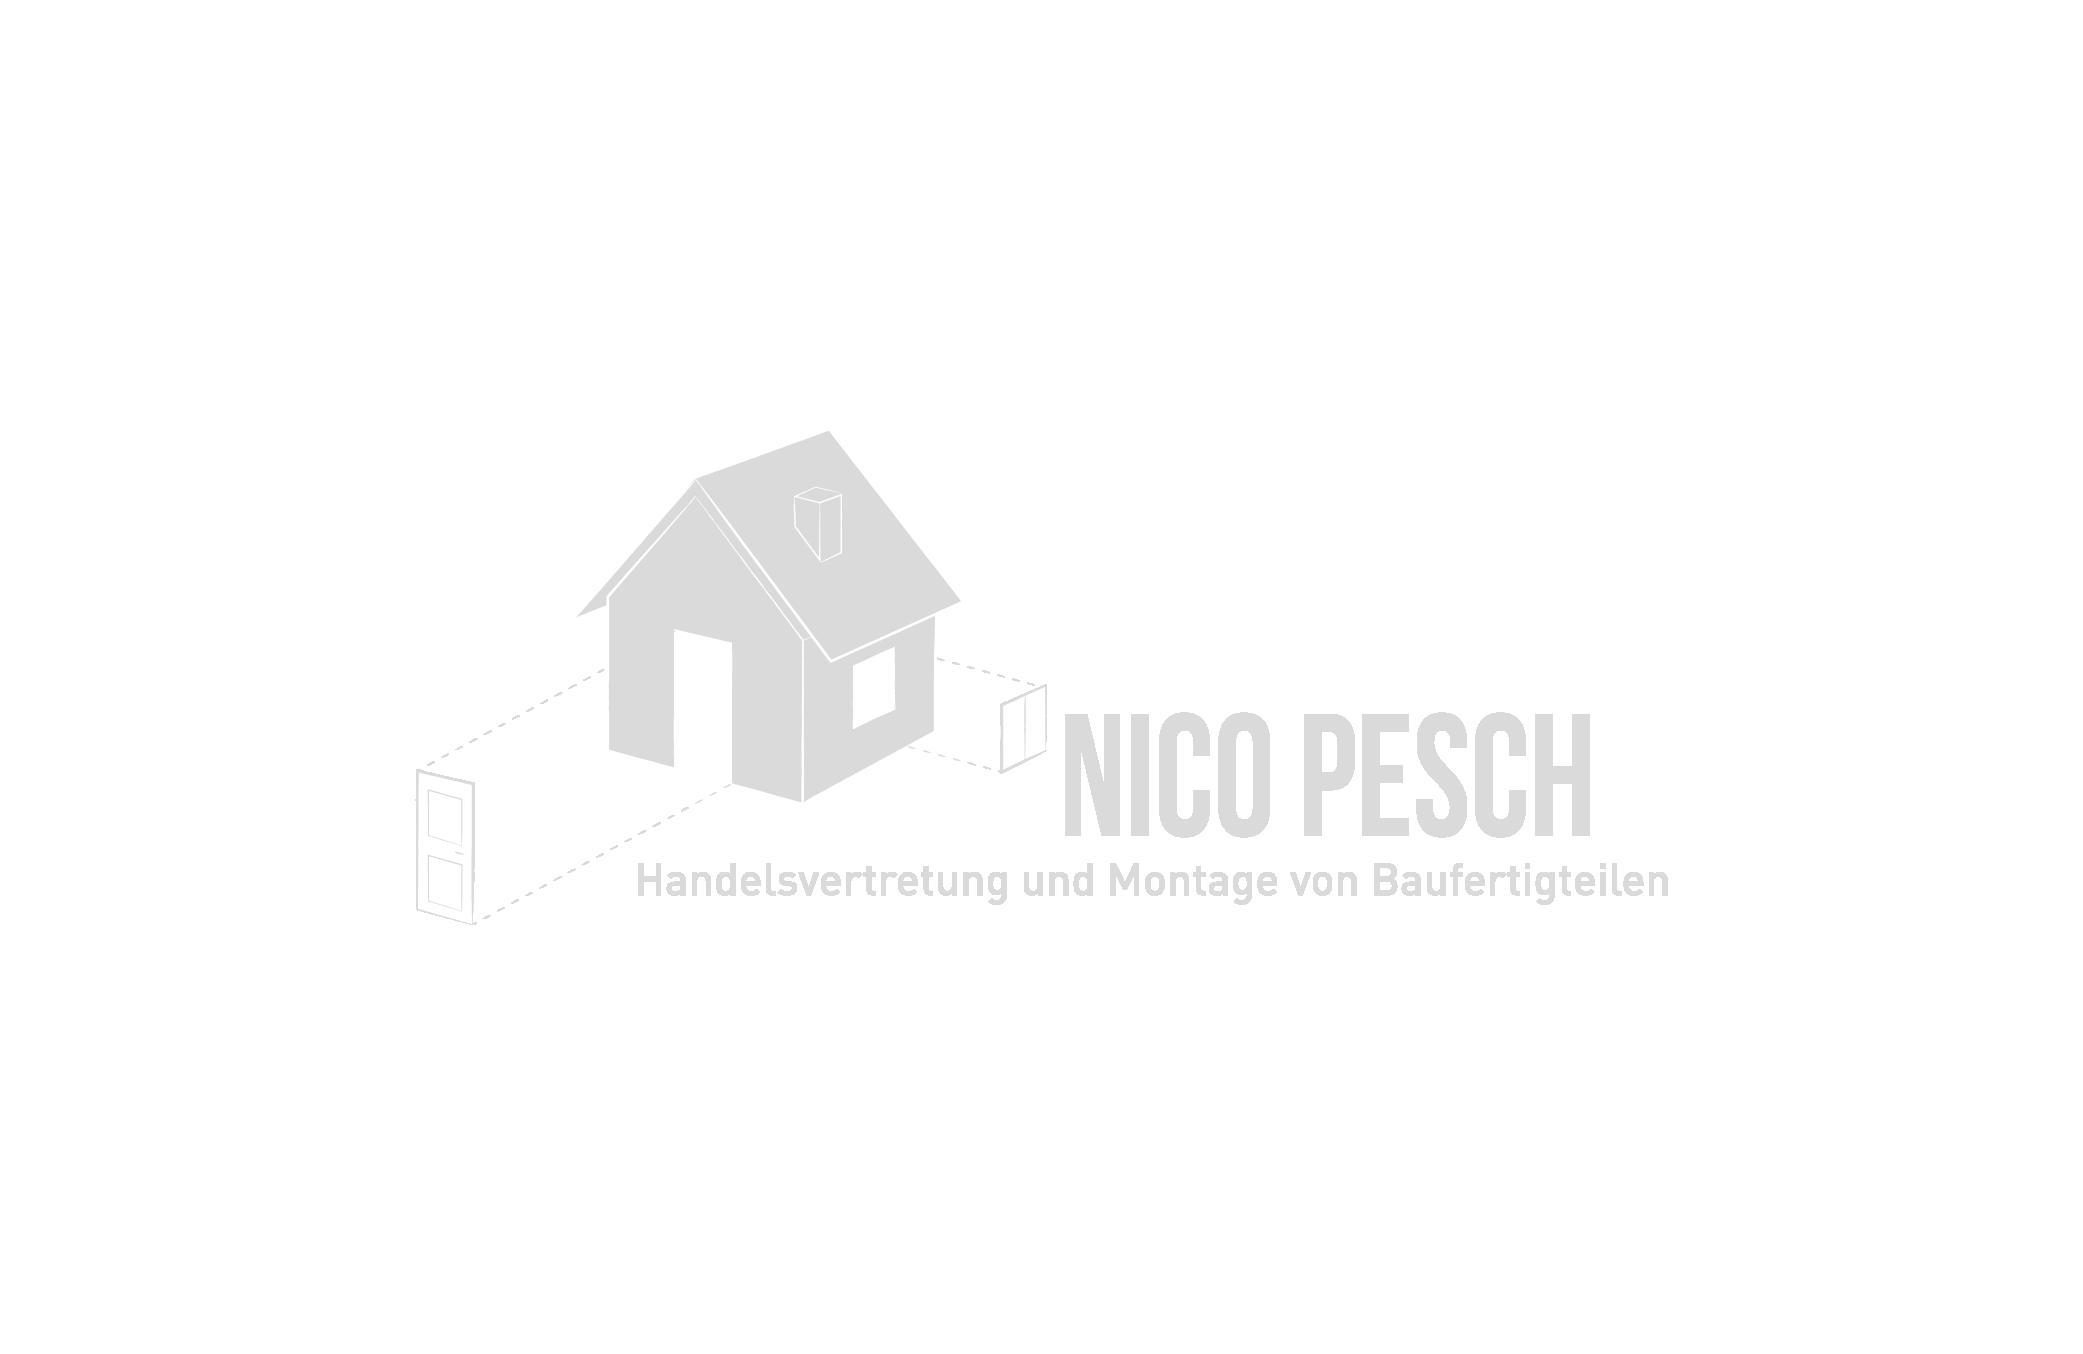 Nico Pesch